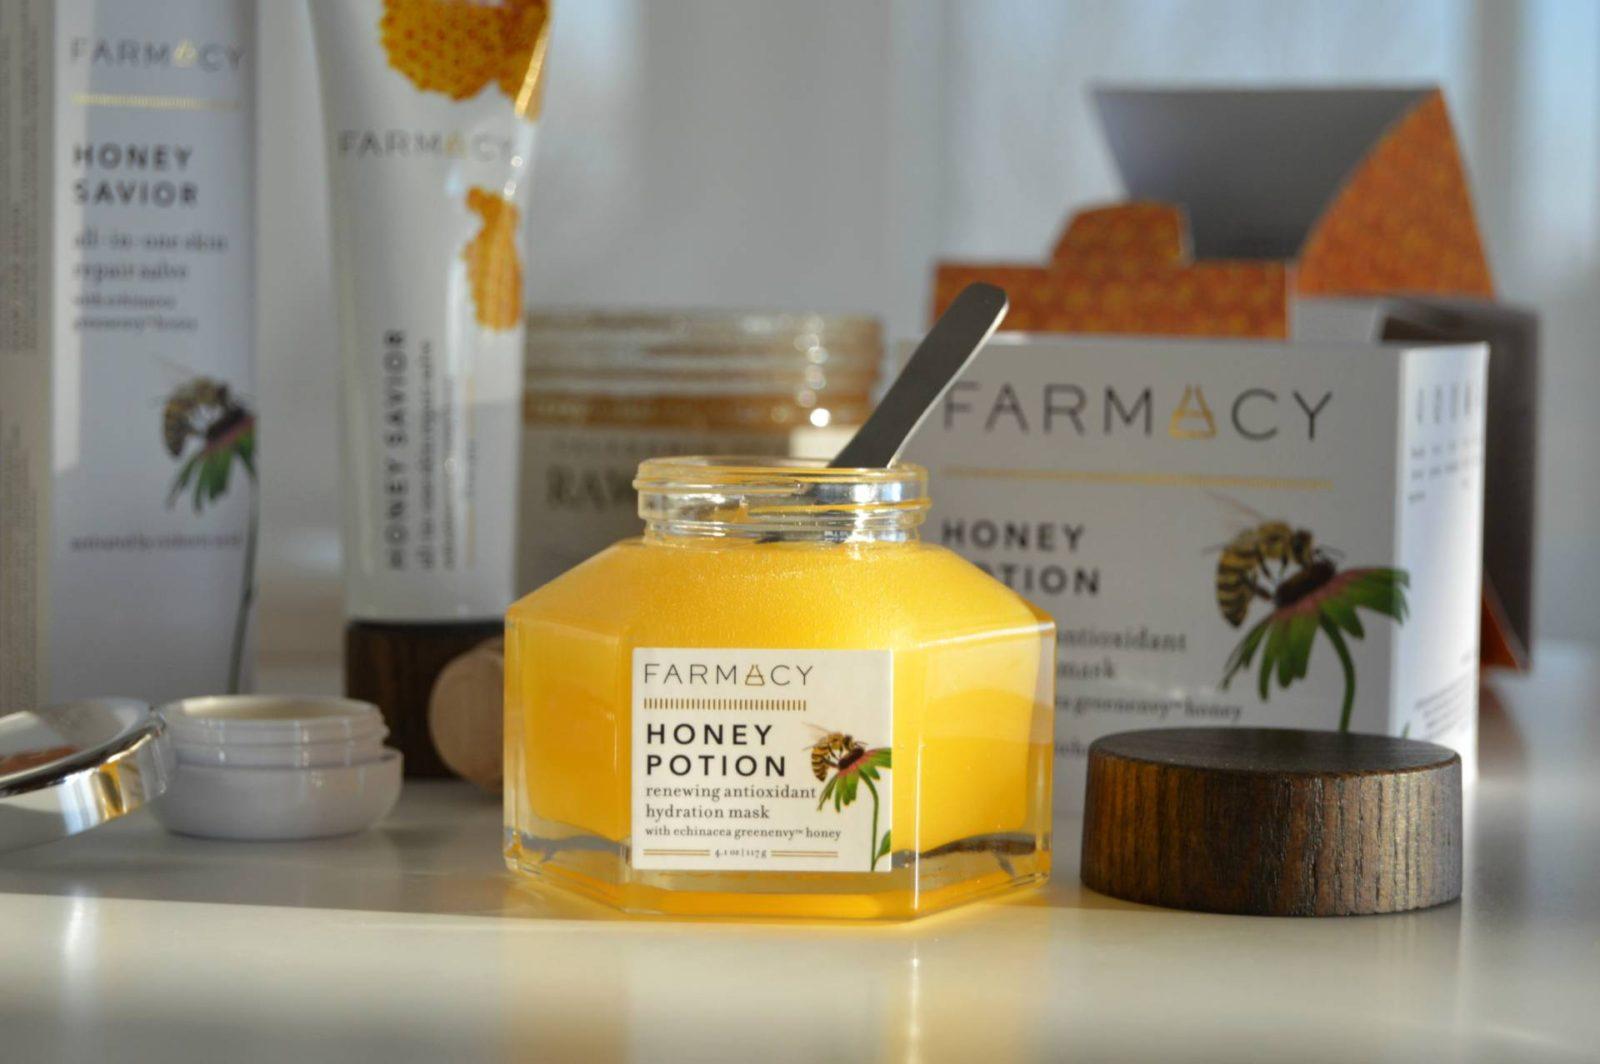 Farm-To-Face: Farmacy Honey Potion & Honey Savior